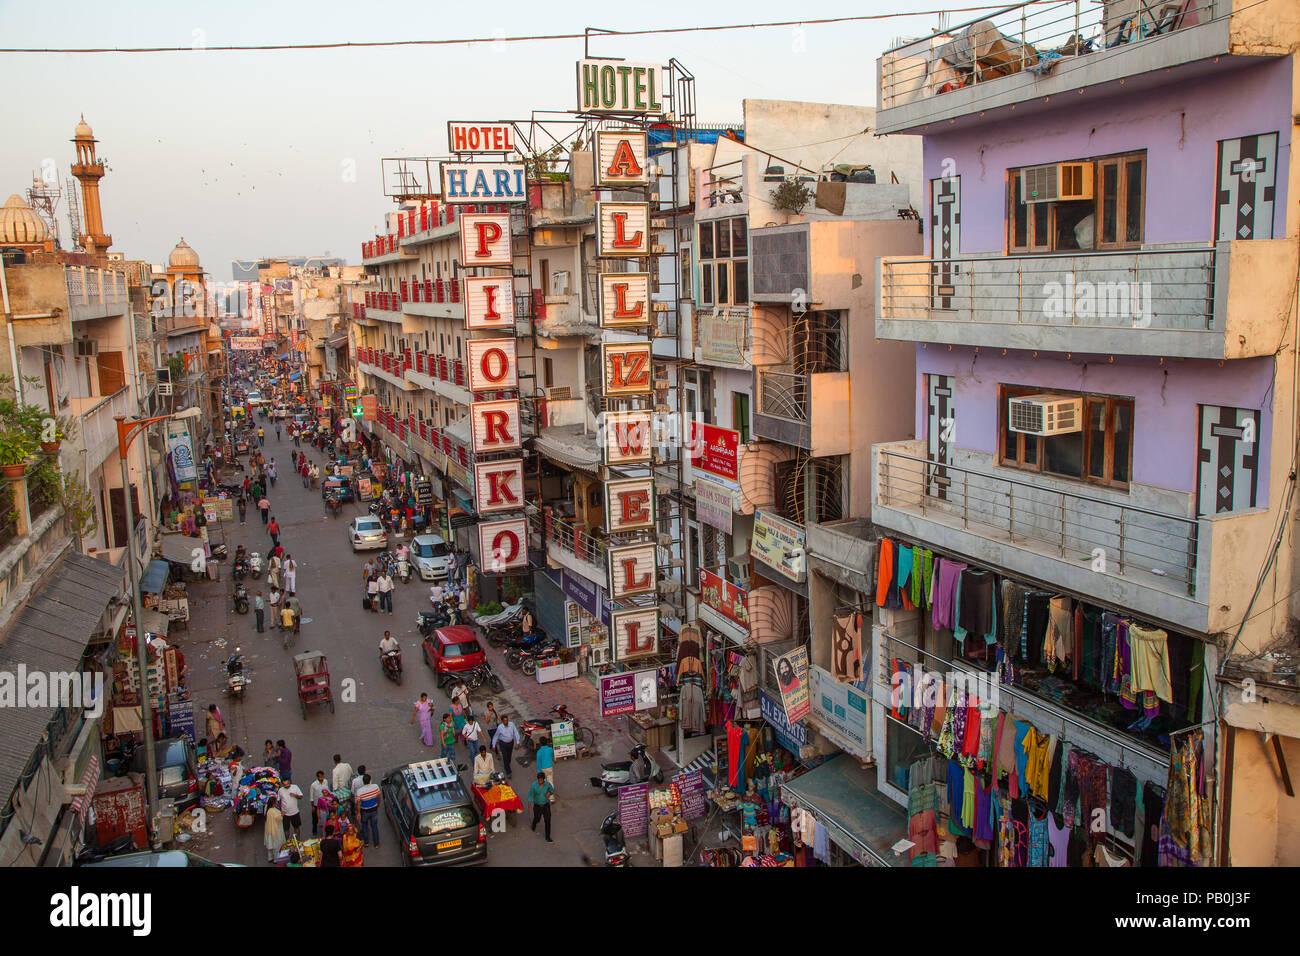 Vista in elevazione del bazar principale, New Delhi, India. Immagini Stock